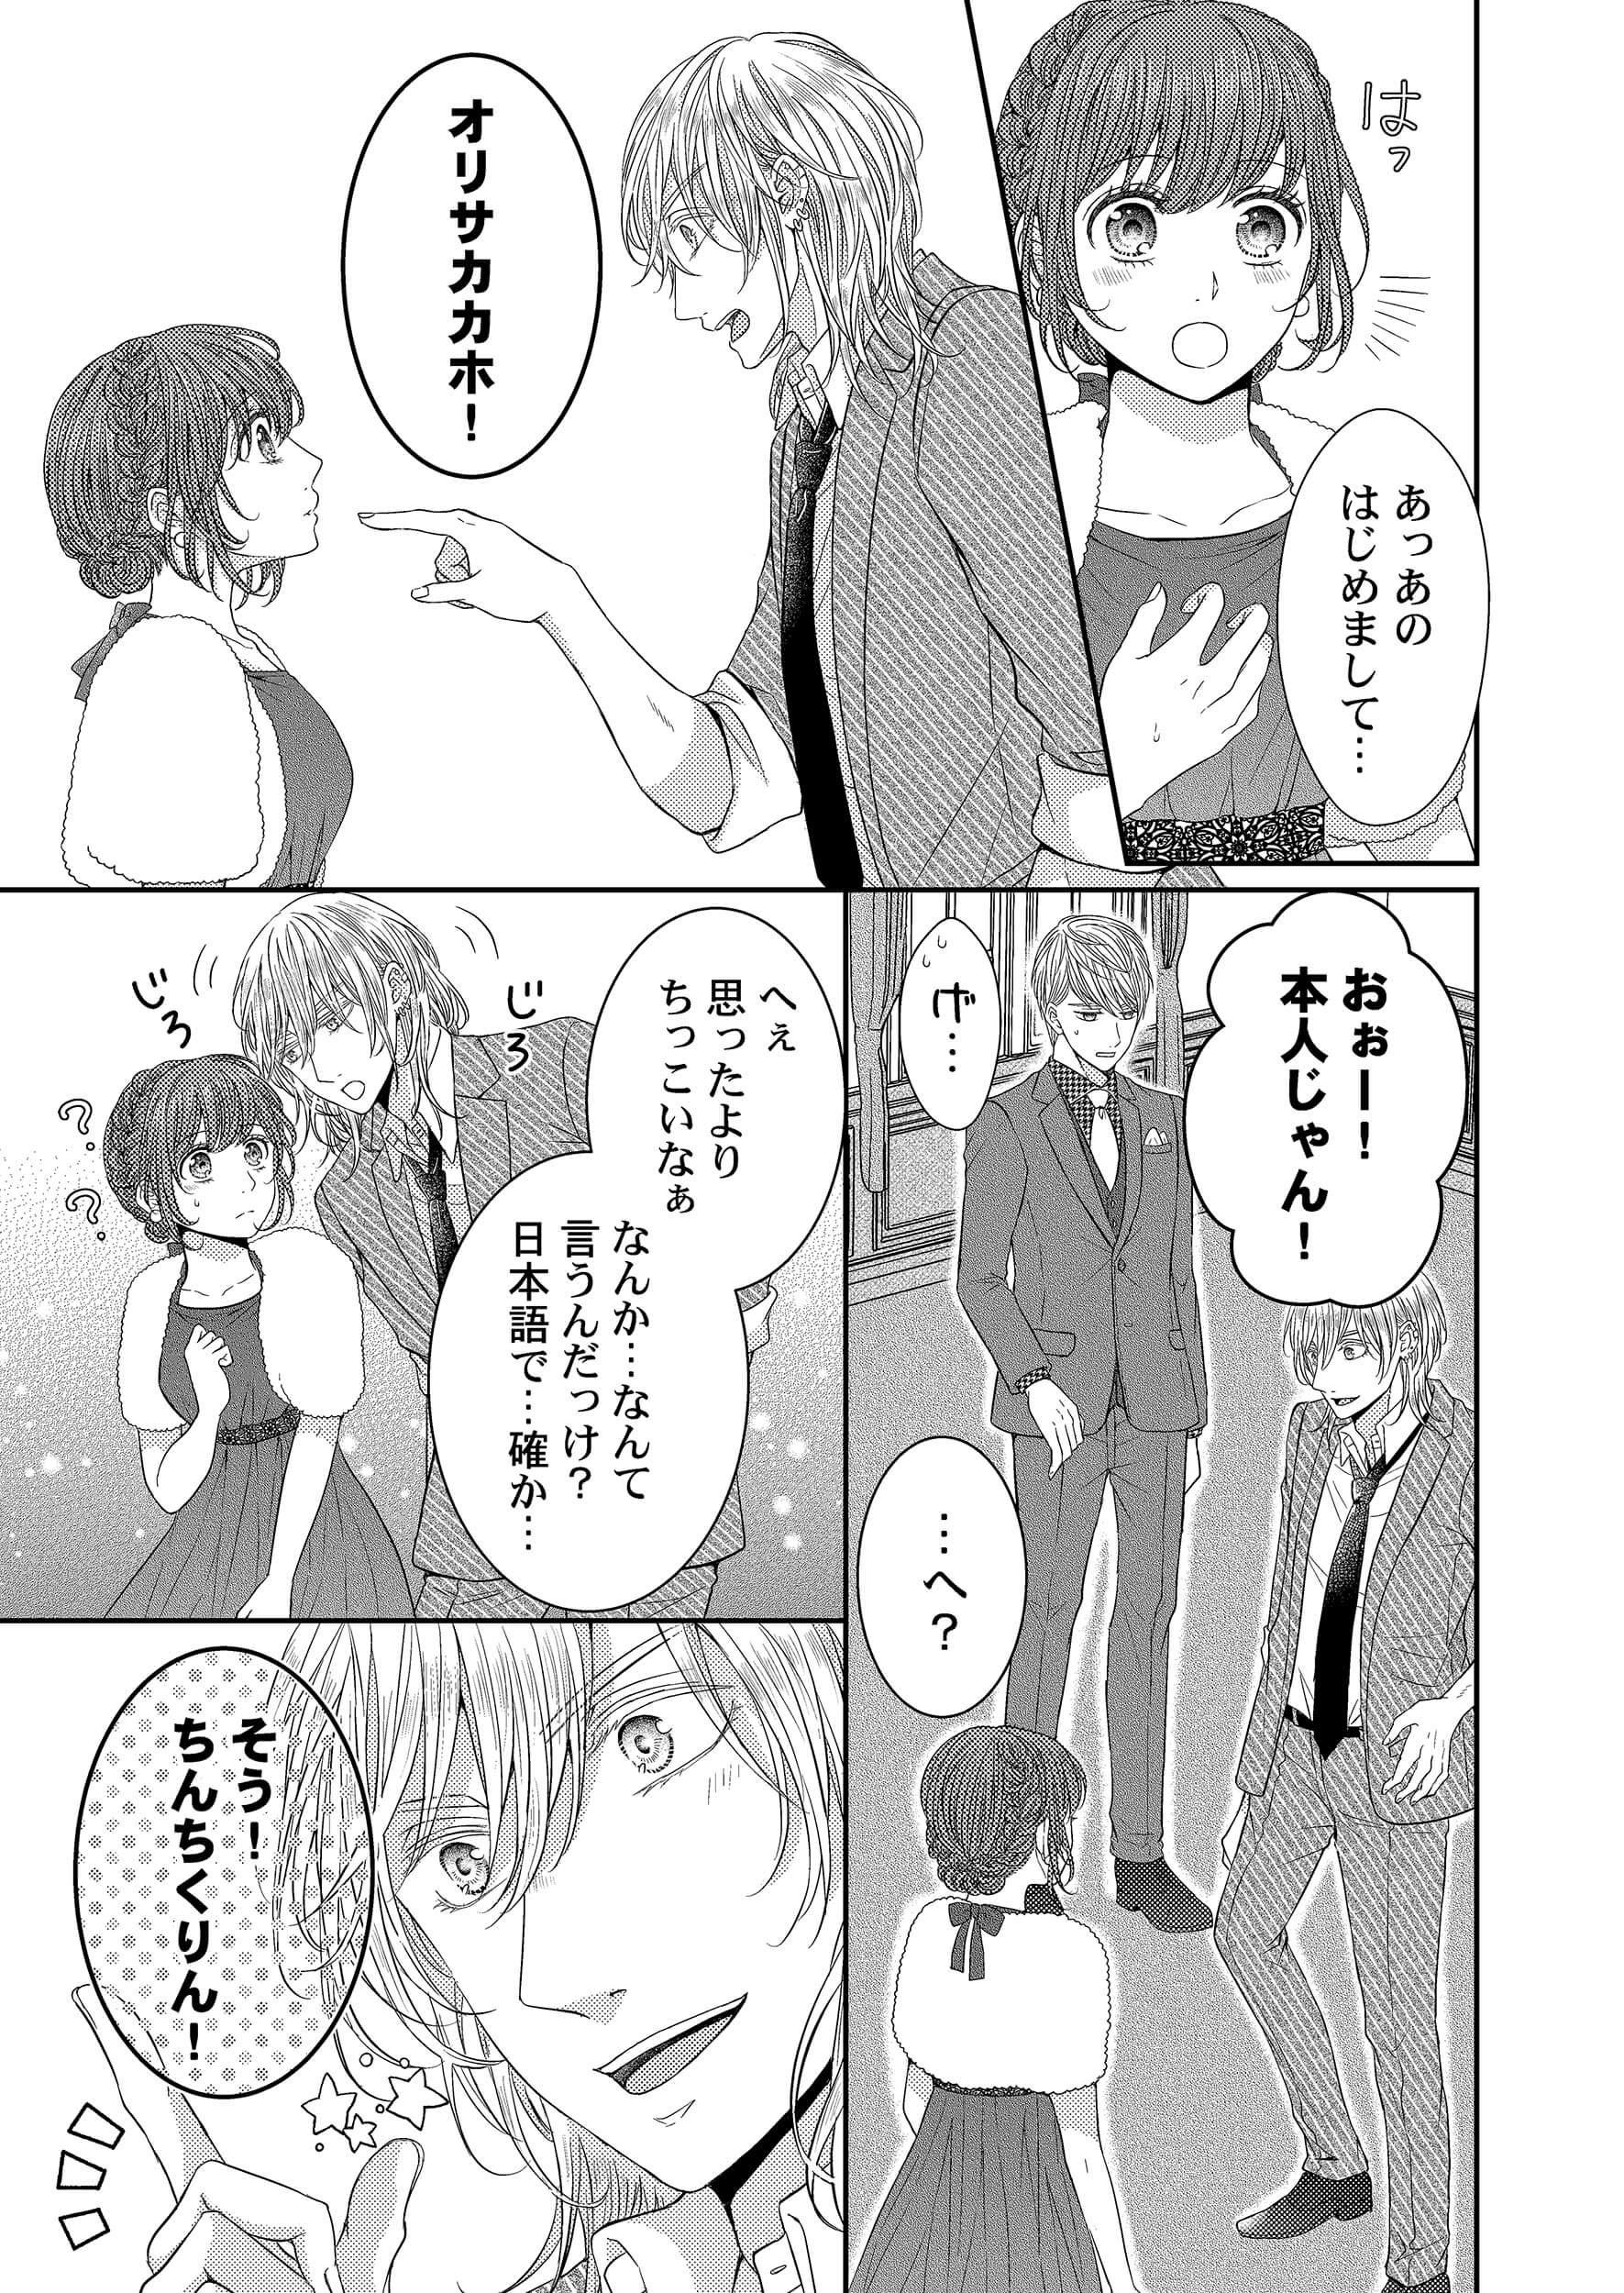 さき 恋 9 ネタバレ ゆび と こい